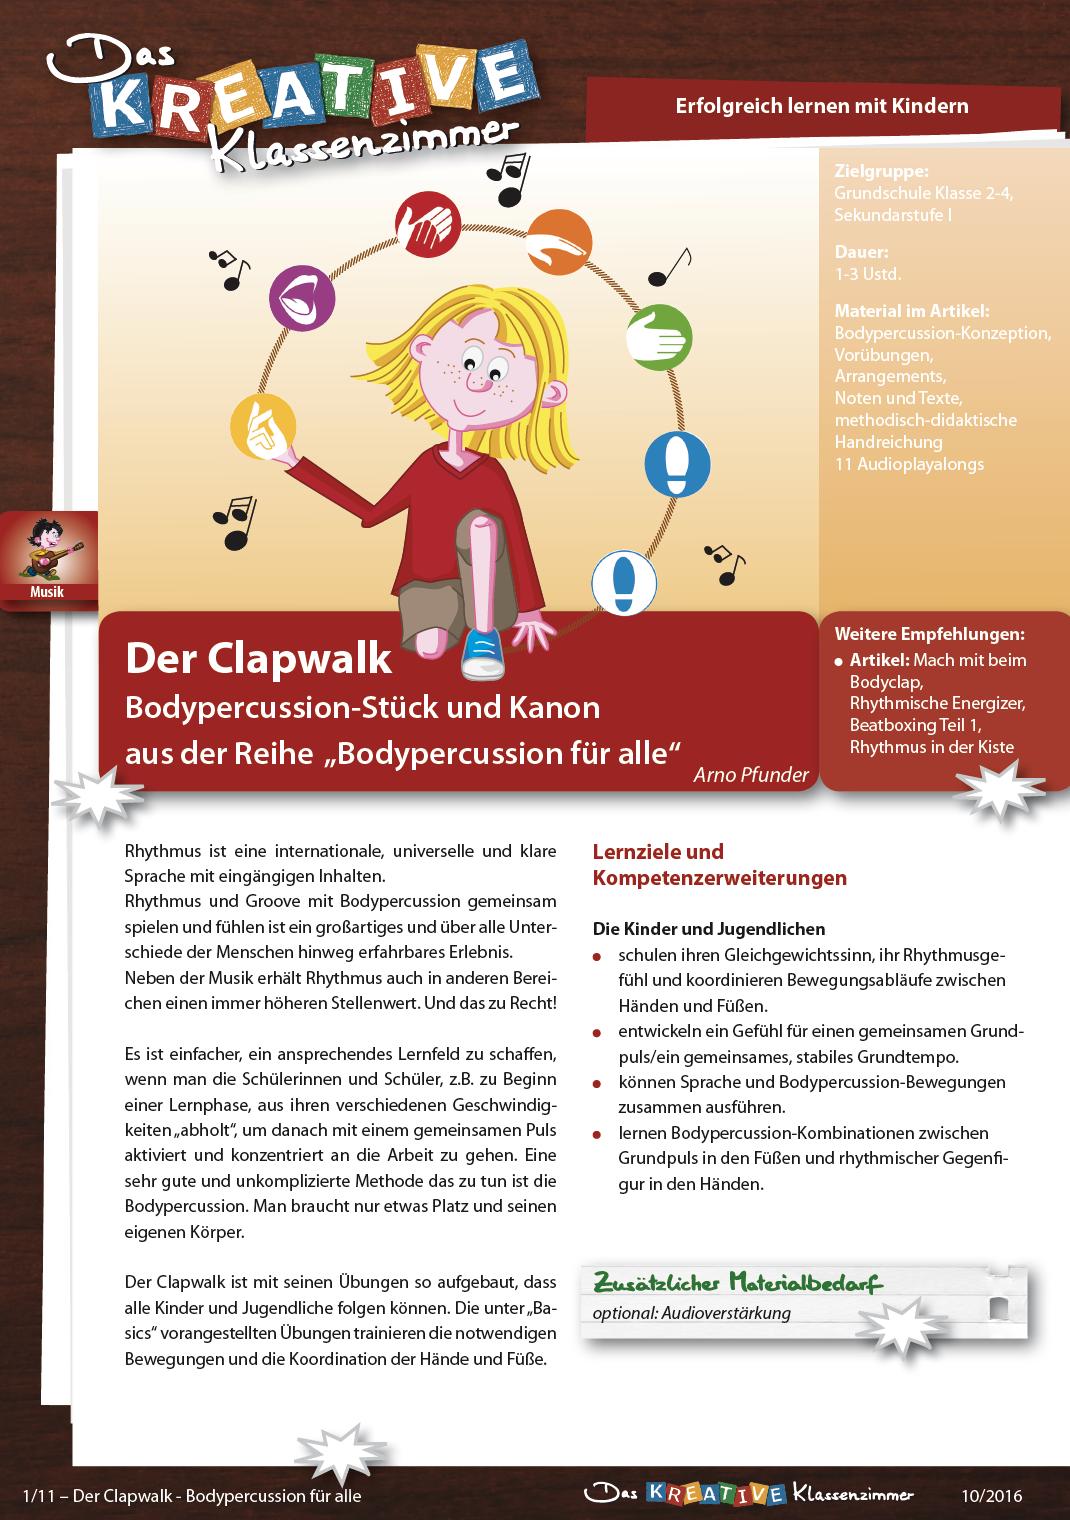 Der Clapwalk | Bodypercussion